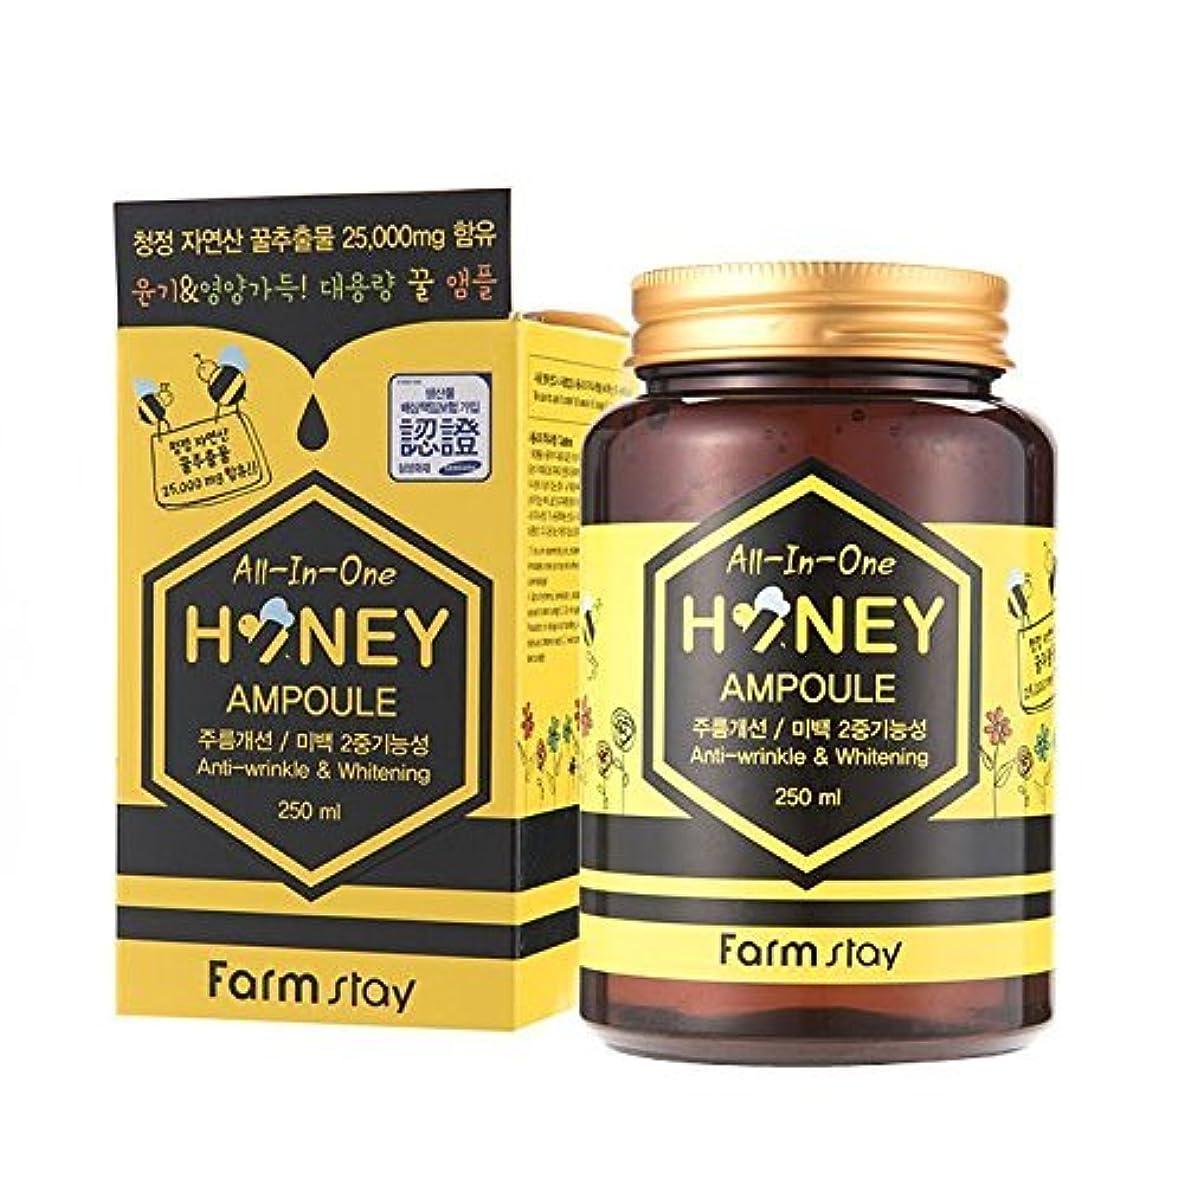 フォアタイプ考古学的な警報ファームステイ[韓国コスメFarm Stay]All In One Honey Ampoule オールインワンハニーアンプル250ml/ローヤルゼリー、プロポリス [並行輸入品]